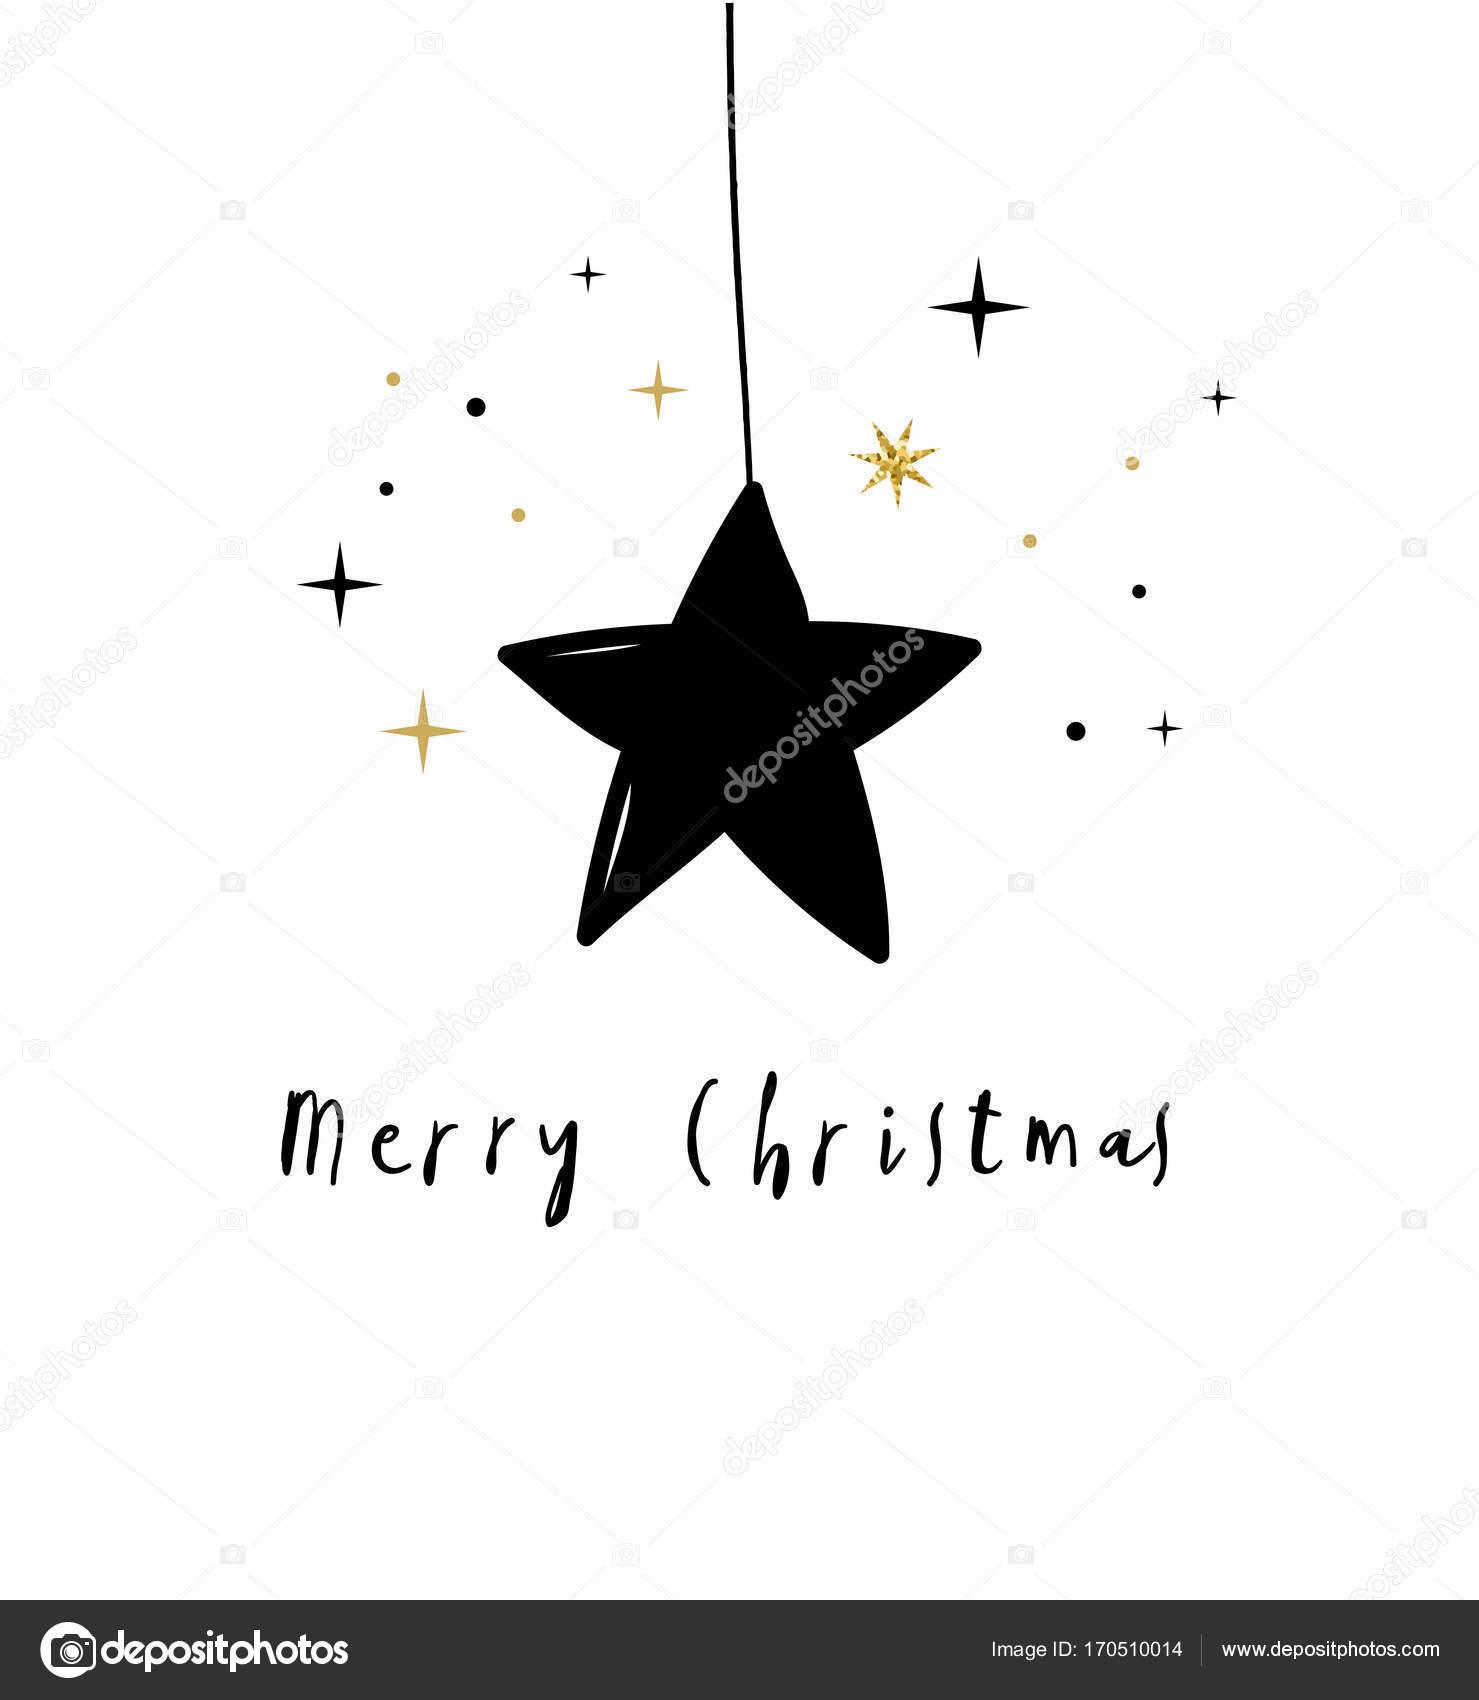 Stern Frohe Weihnachten.Frohe Weihnachten Mit Schwarzem Stern Stockvektor C Marish